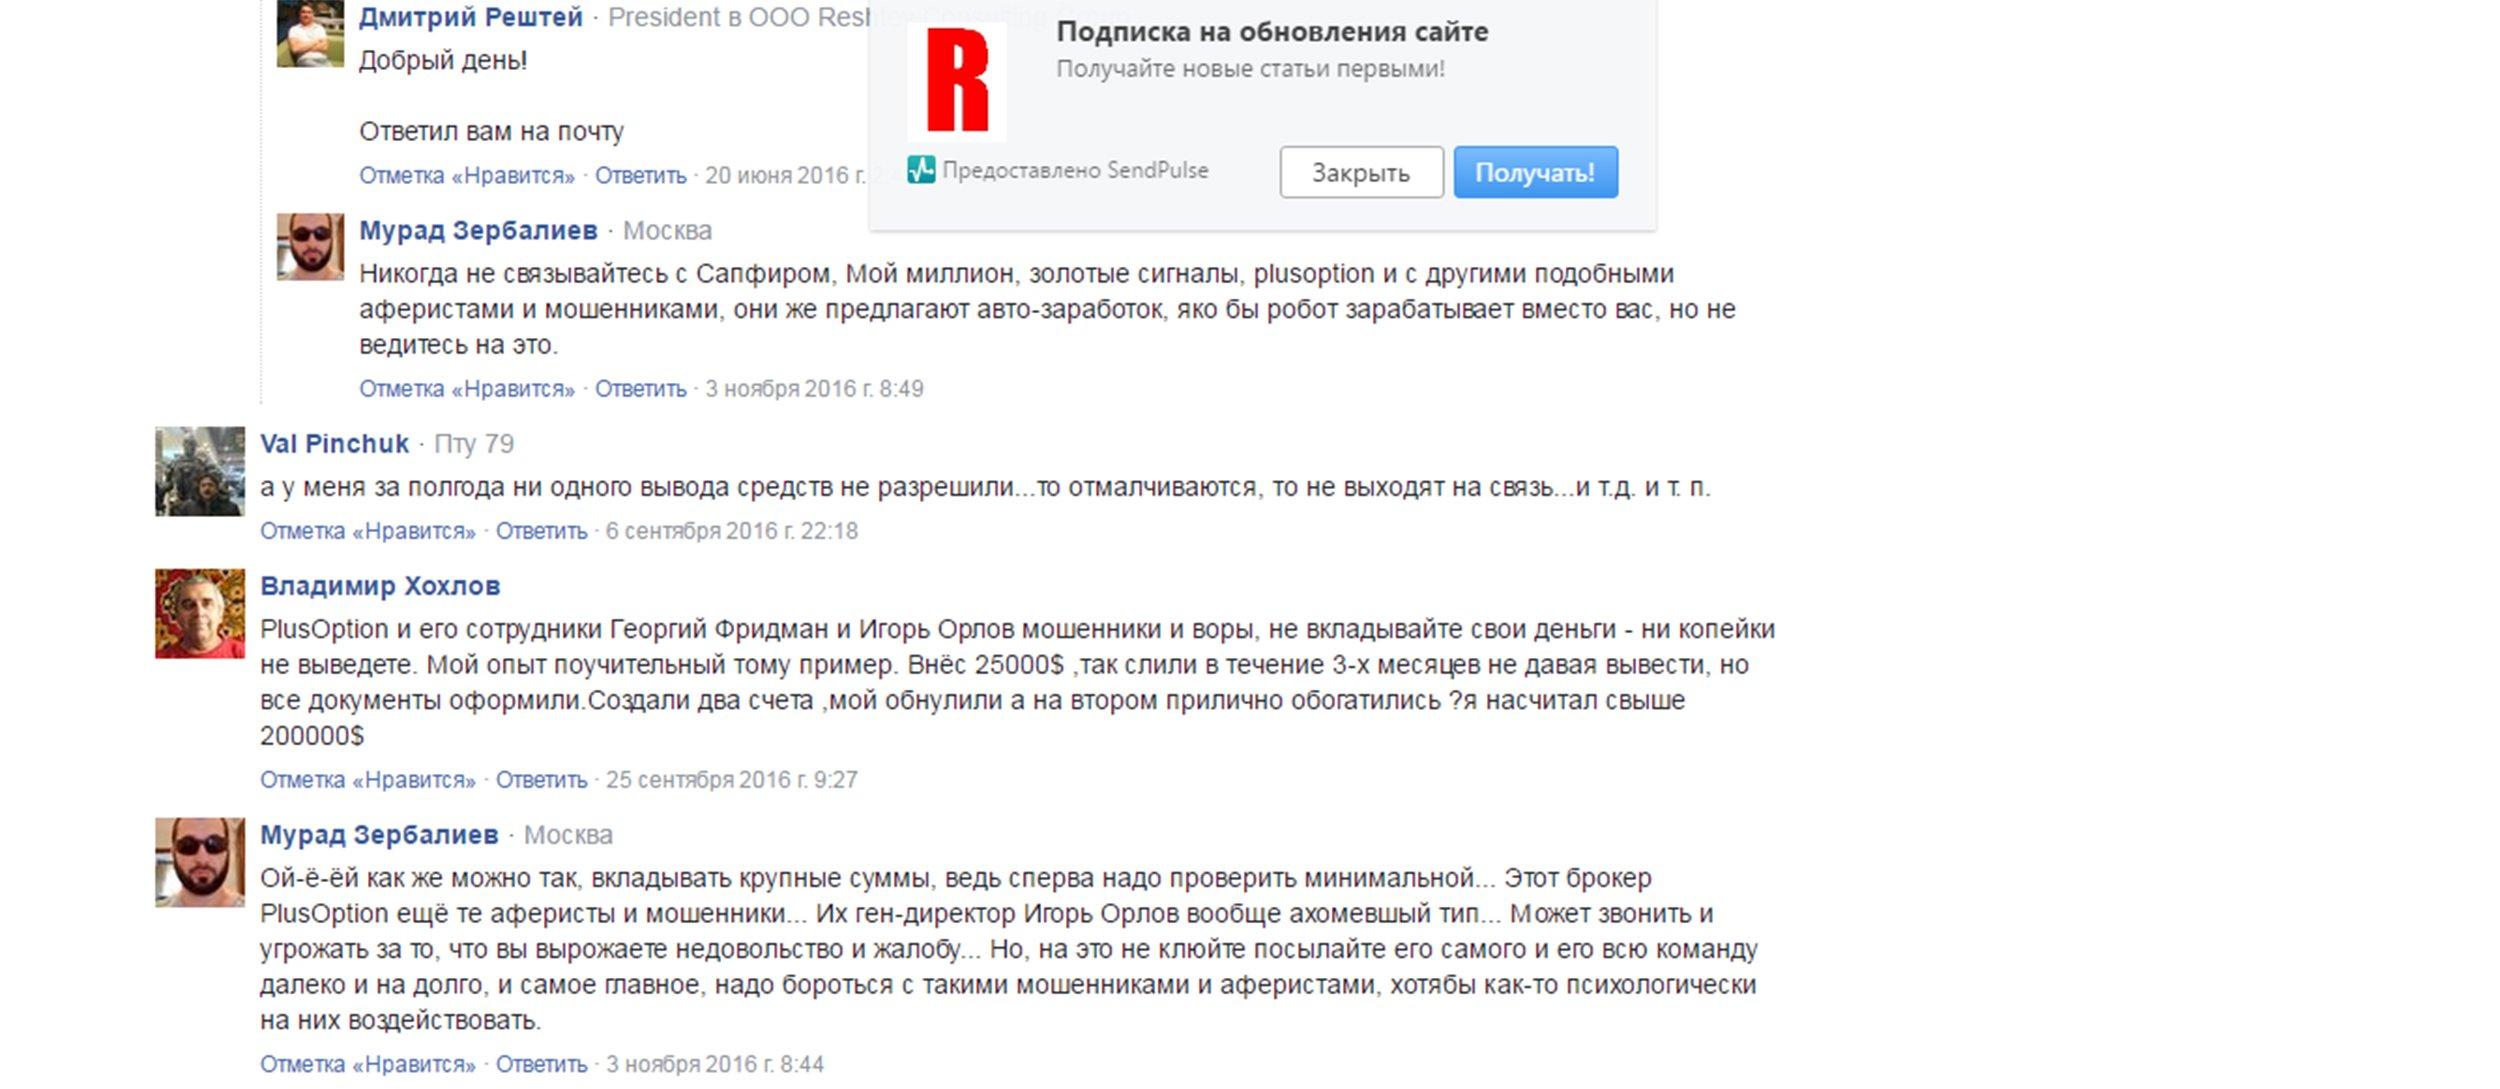 Отзывы о Маяк-про и брокере PlusOption